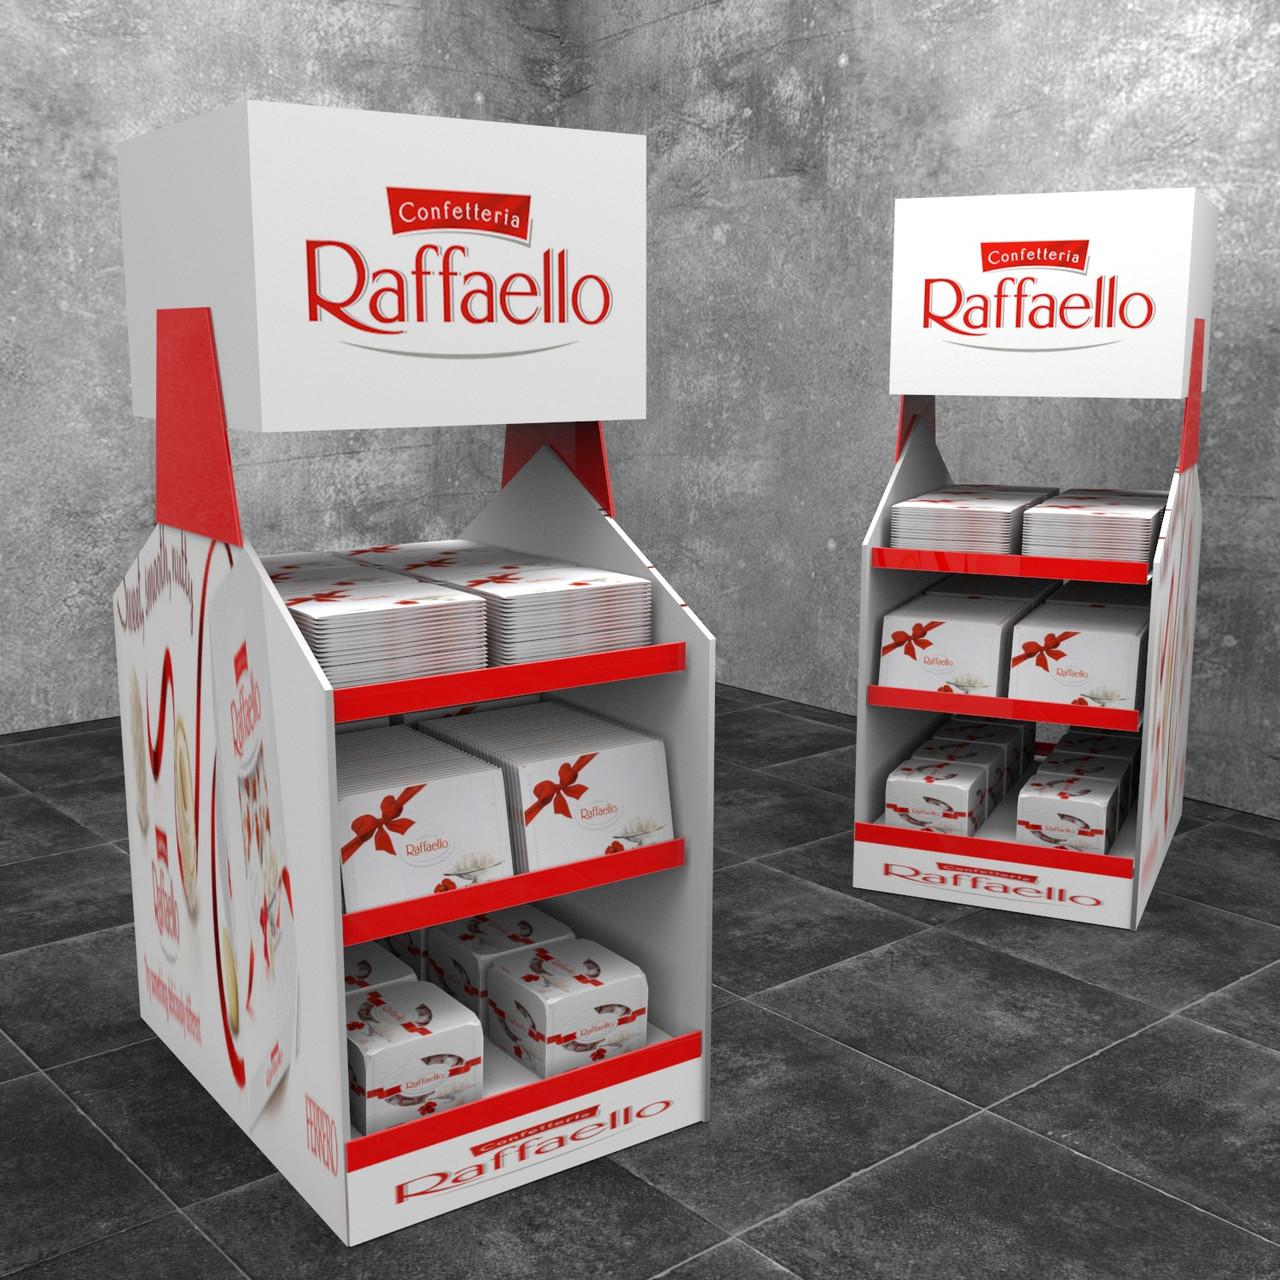 Торговая мебель под продукцию Raffaello